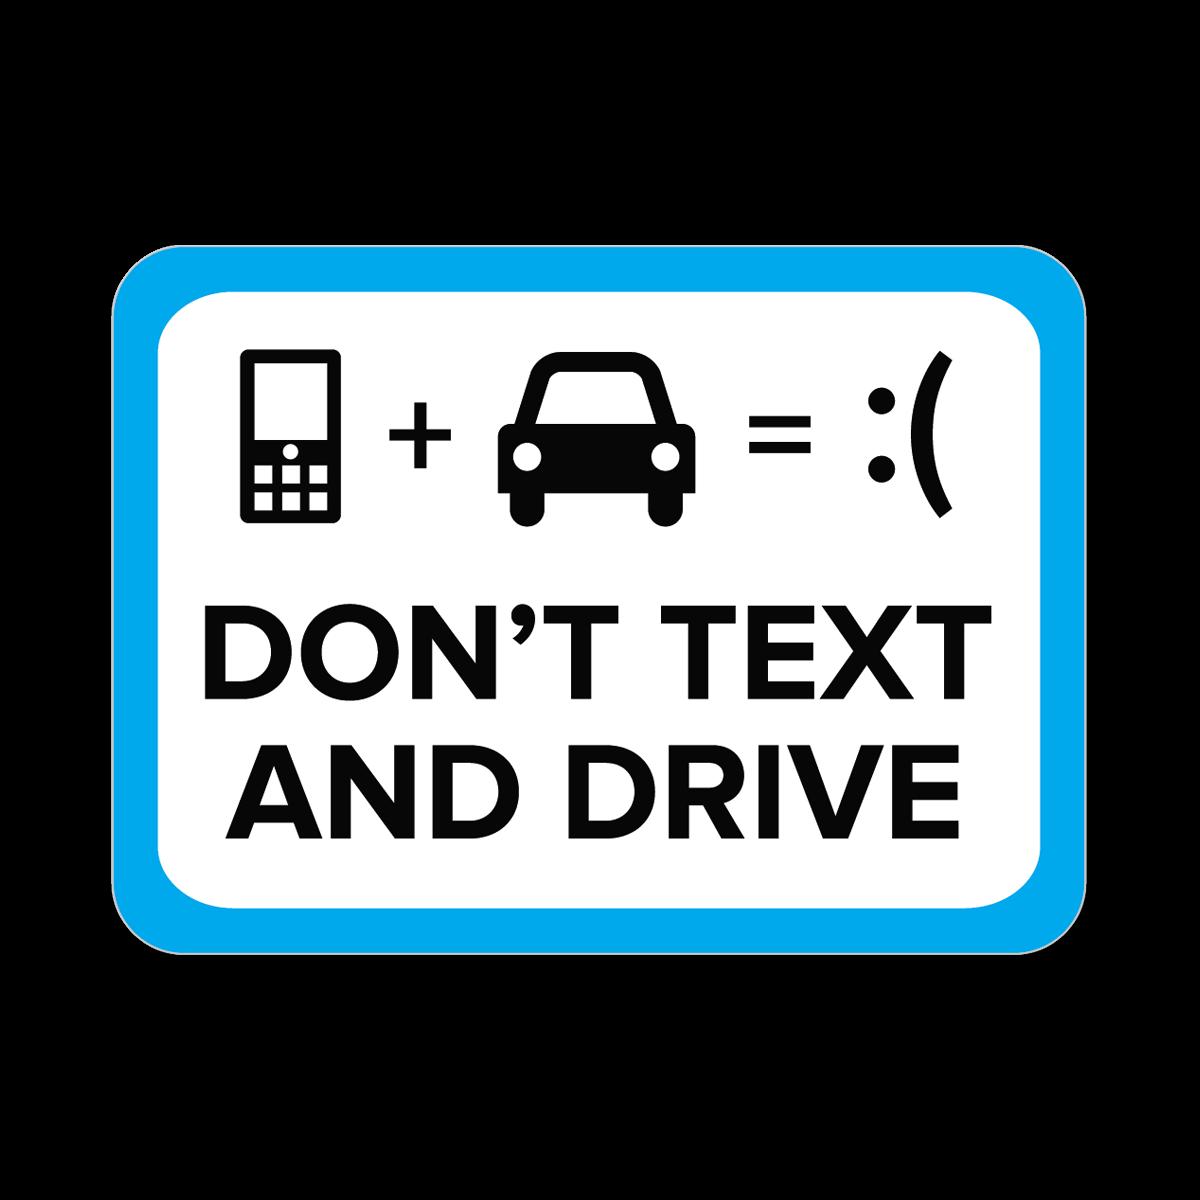 Don't Text & Drive Stickers | Mines Press